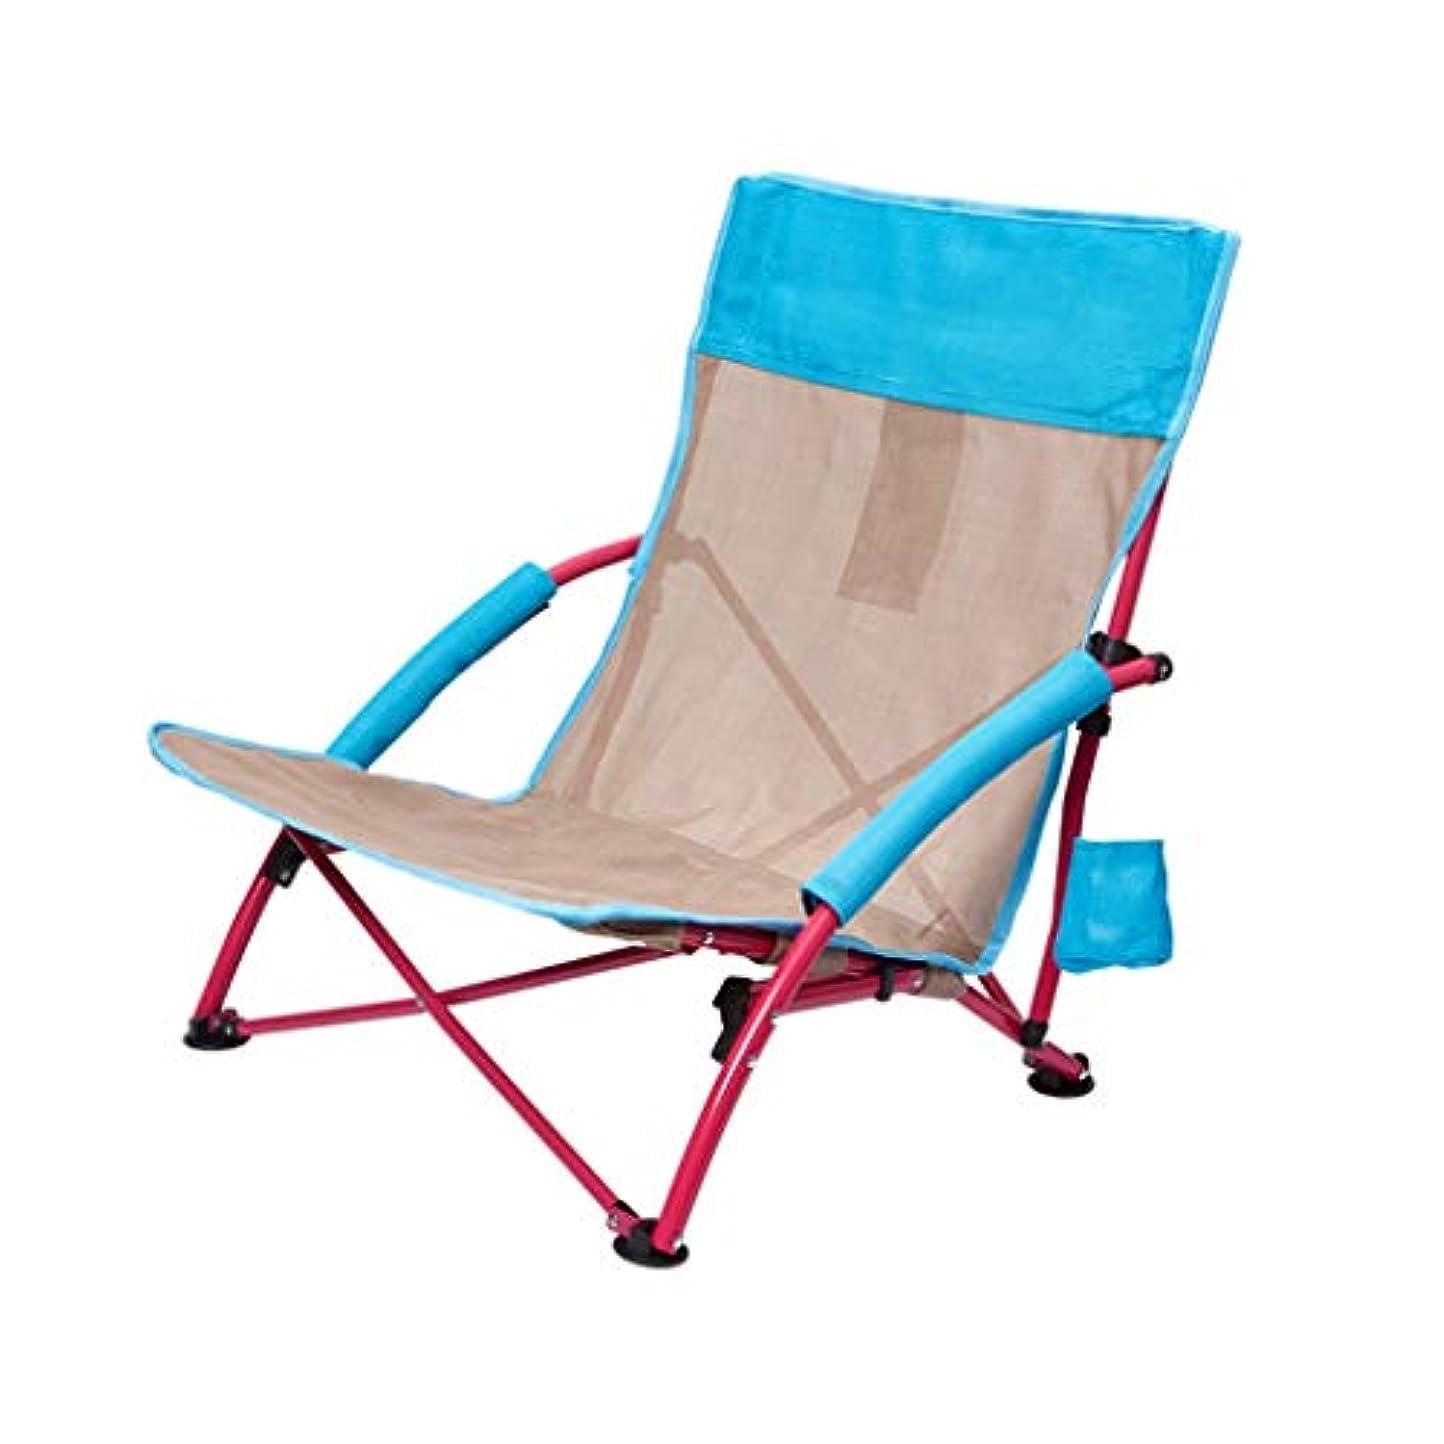 眠りコンバーチブルコアCATRP ブランド キャンプ 折りたたみ 椅子 カップホルダー付き コンパクト ポータブル アウトドア 釣り 旅行する ビーチ 座席